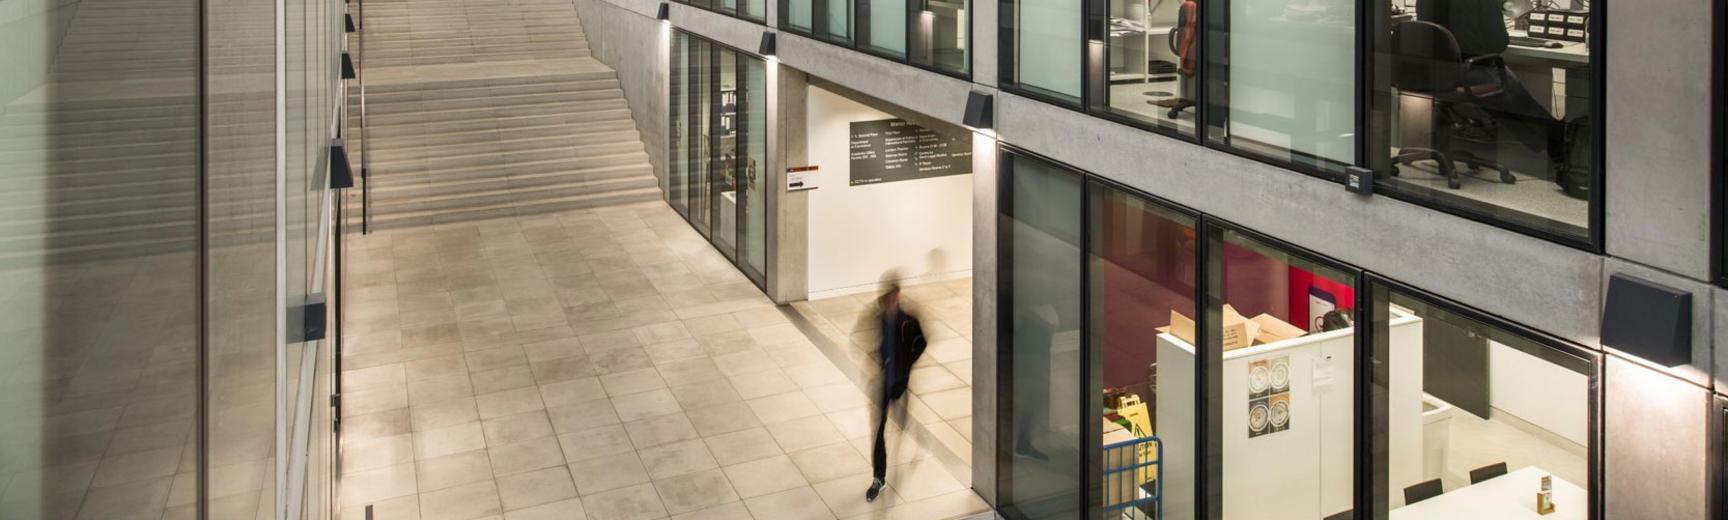 Interior of Economics Department